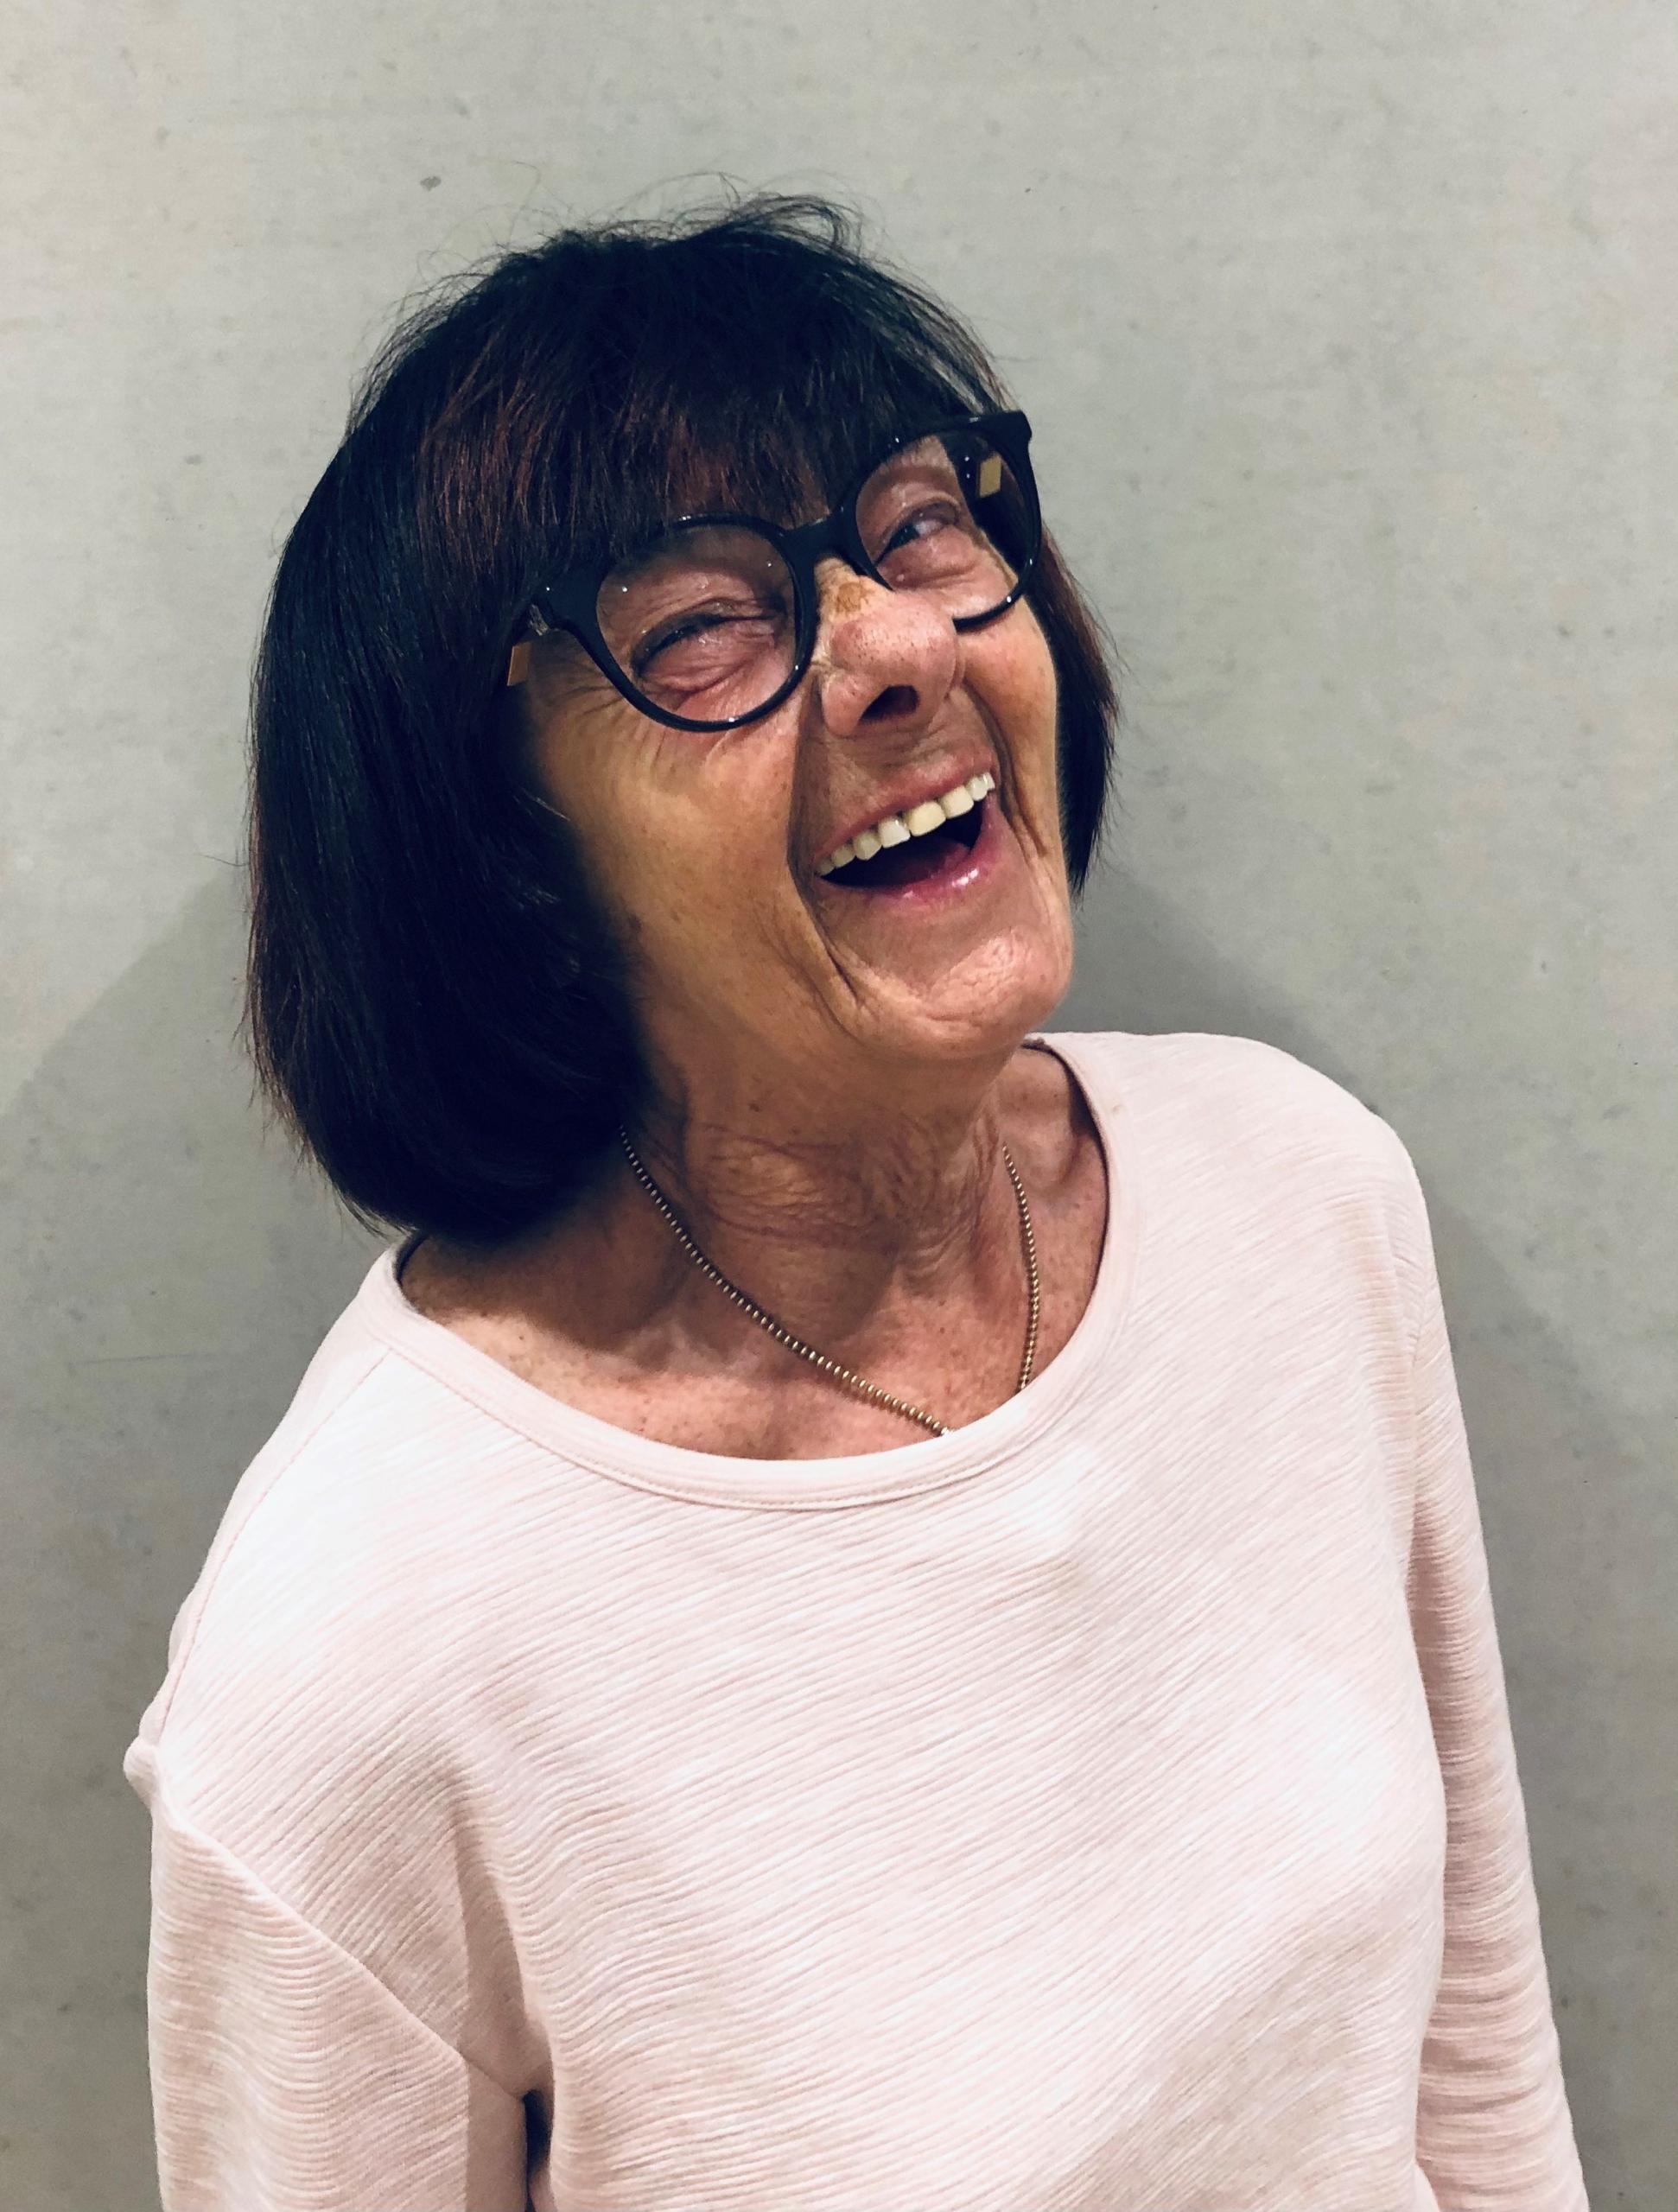 3_Optiker Augensache Brille Kontaktlinse Friedberg_Geburtstag